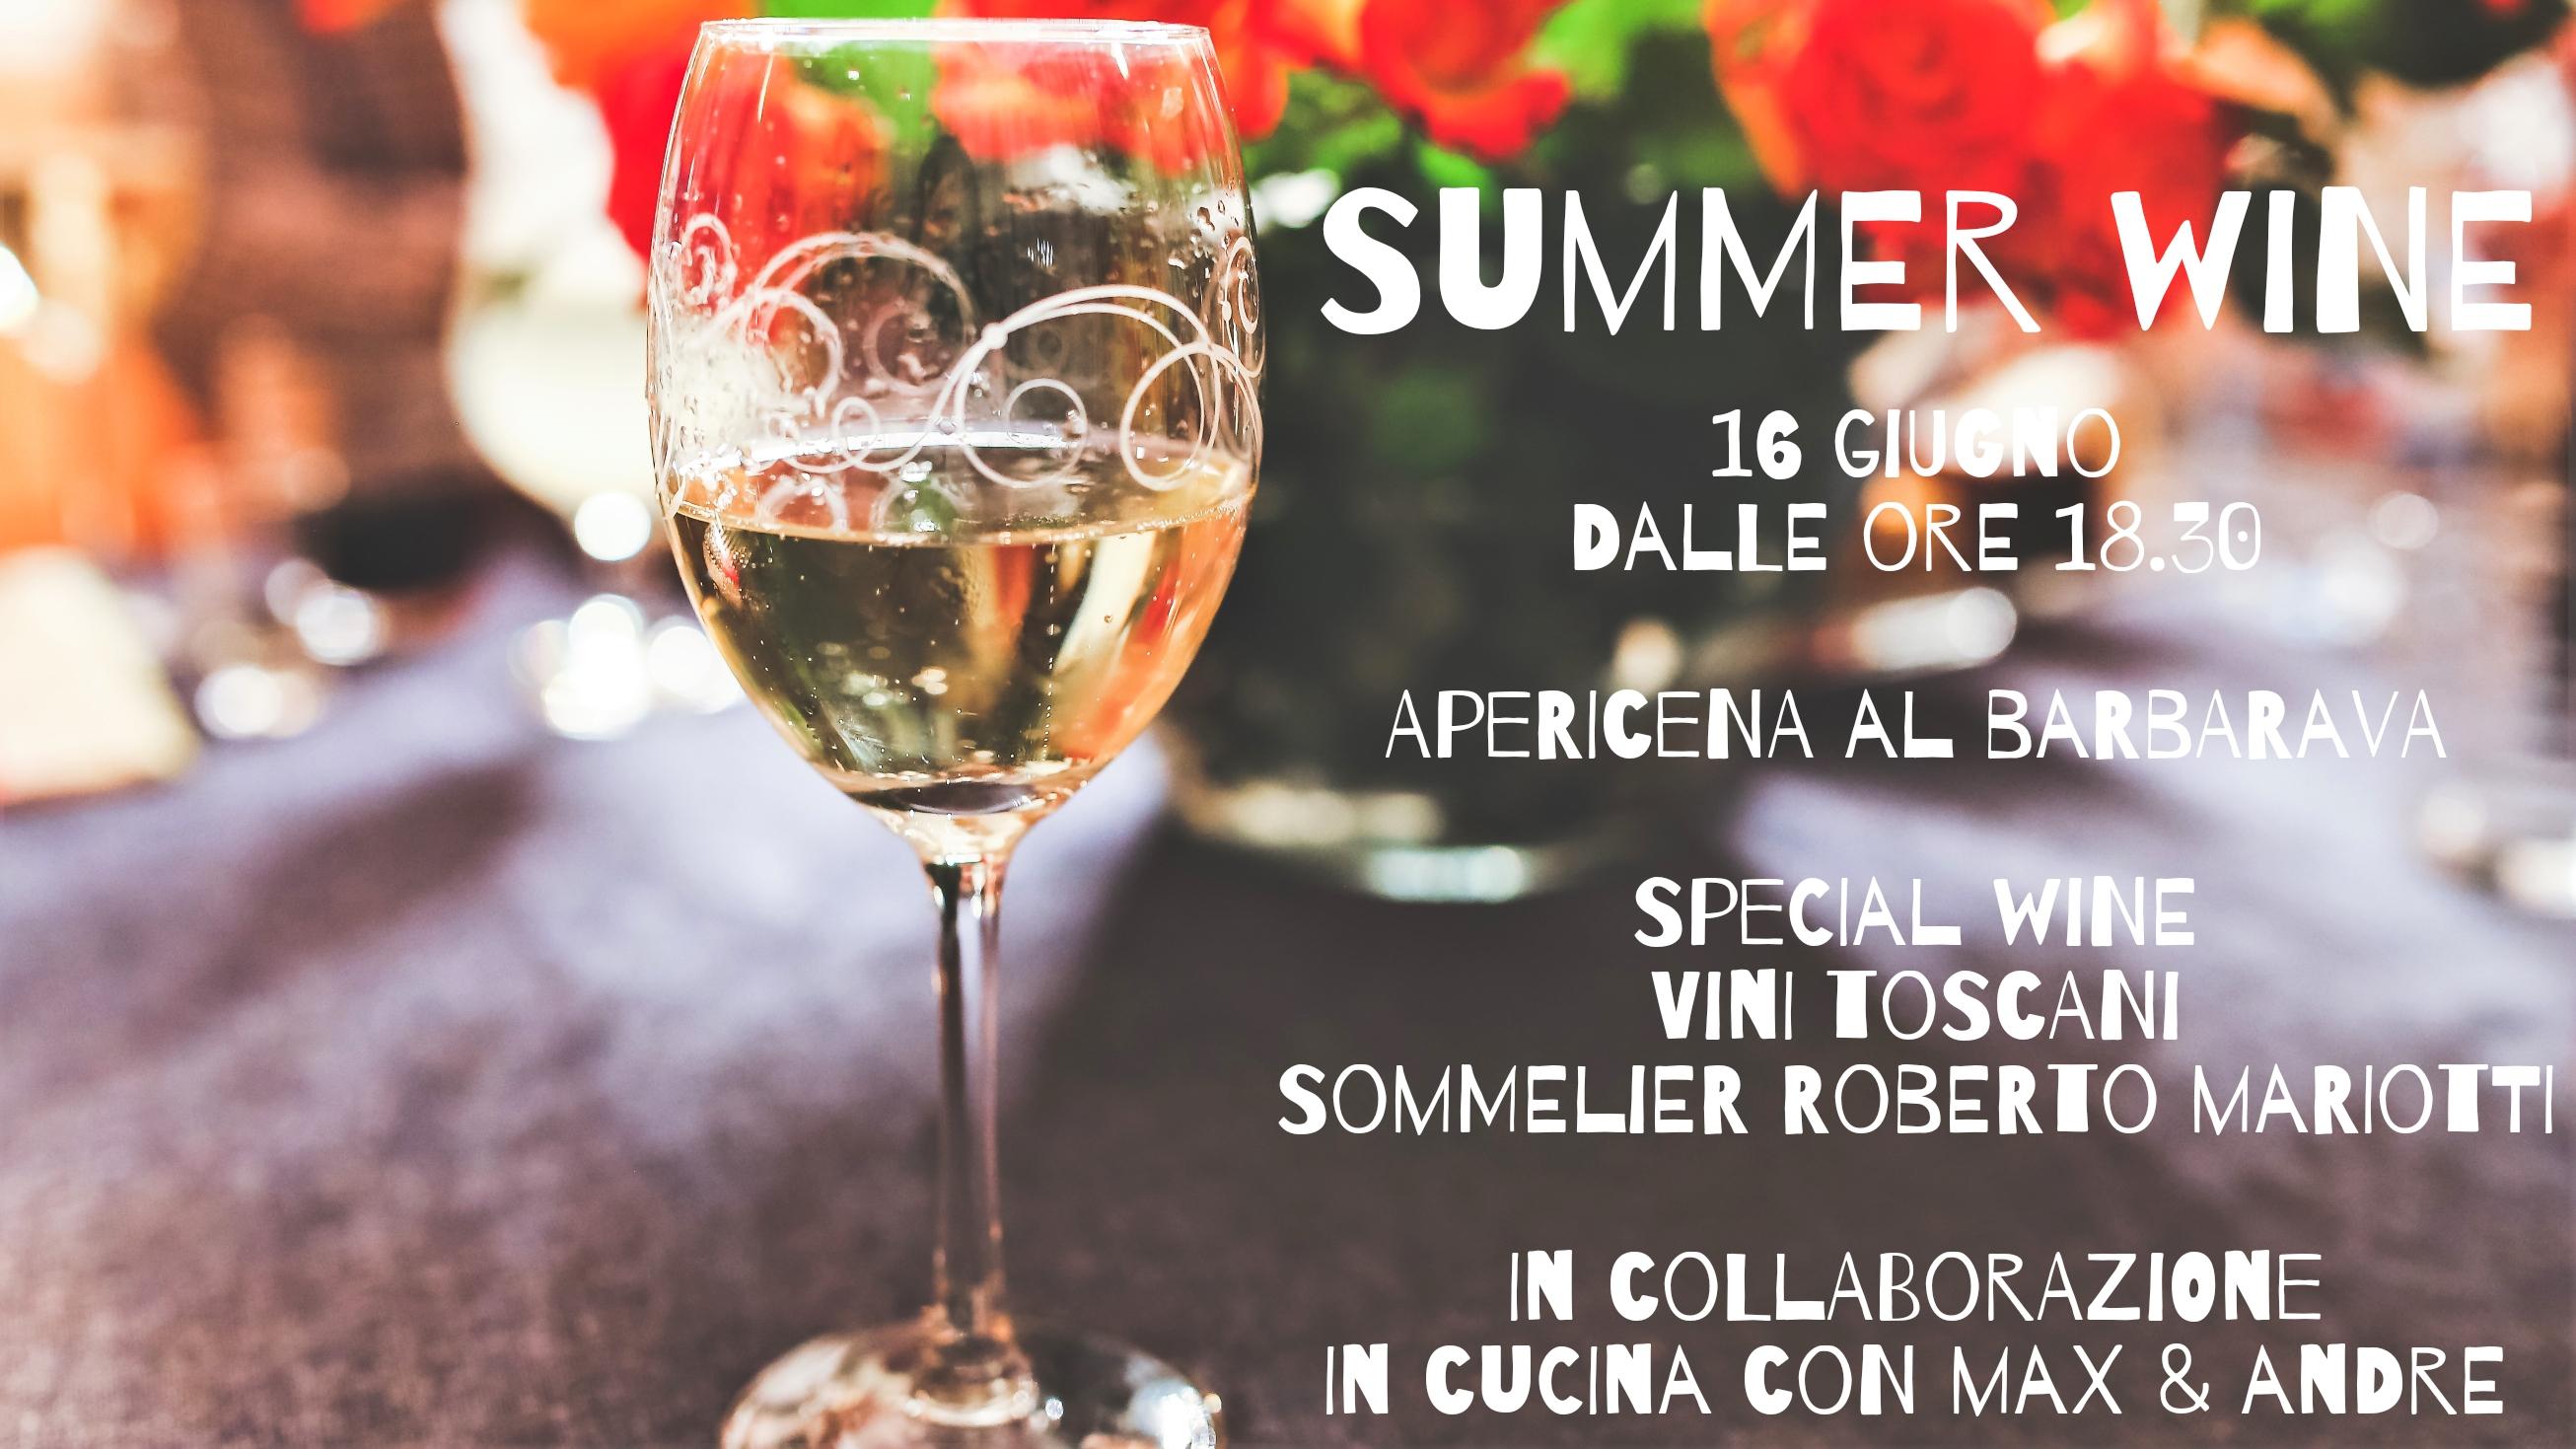 Barbavara vineria - Summer Wine